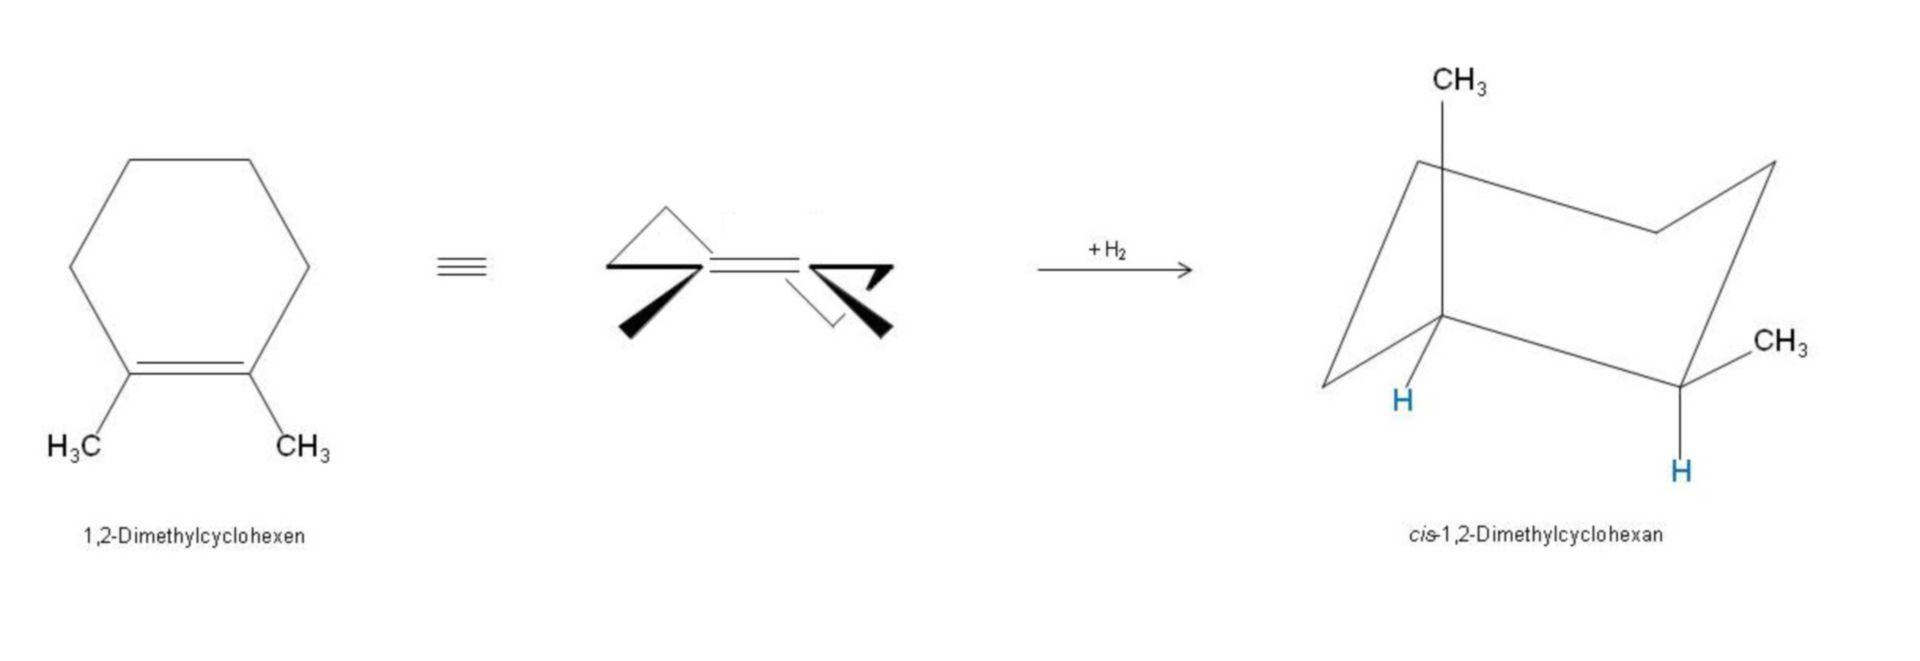 cis-Addition - 1,2-Dimethylcyclohexan